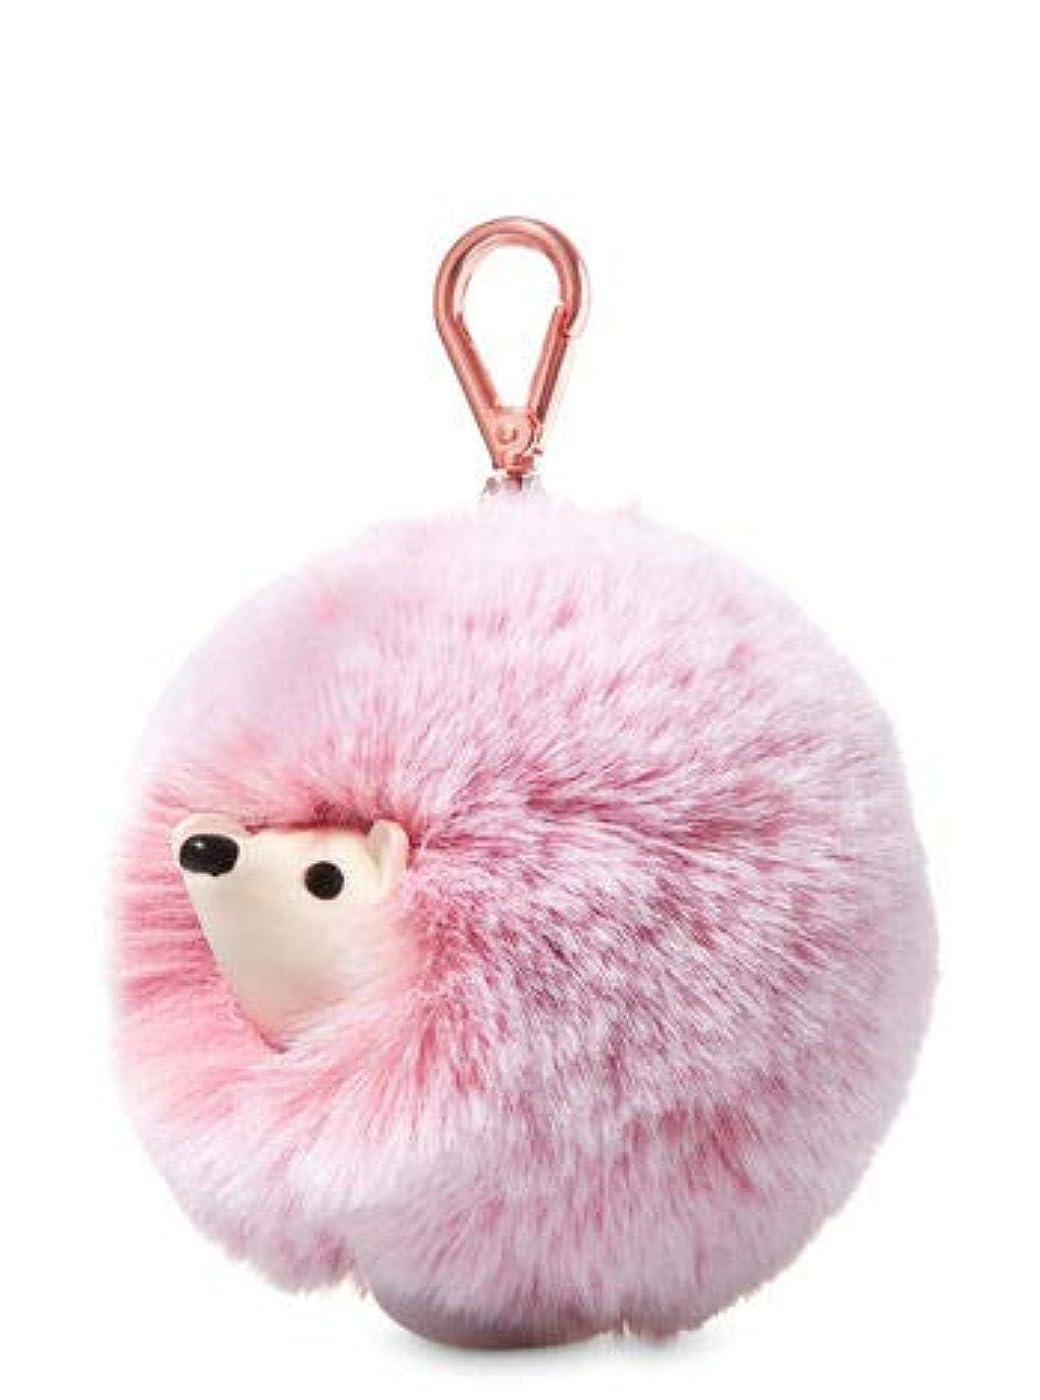 ボアこれら氏【Bath&Body Works/バス&ボディワークス】 抗菌ハンドジェルホルダー ピンクヘッジホッグポンポン Pocketbac Holder Pink Hedgehog Pom-Pom [並行輸入品]